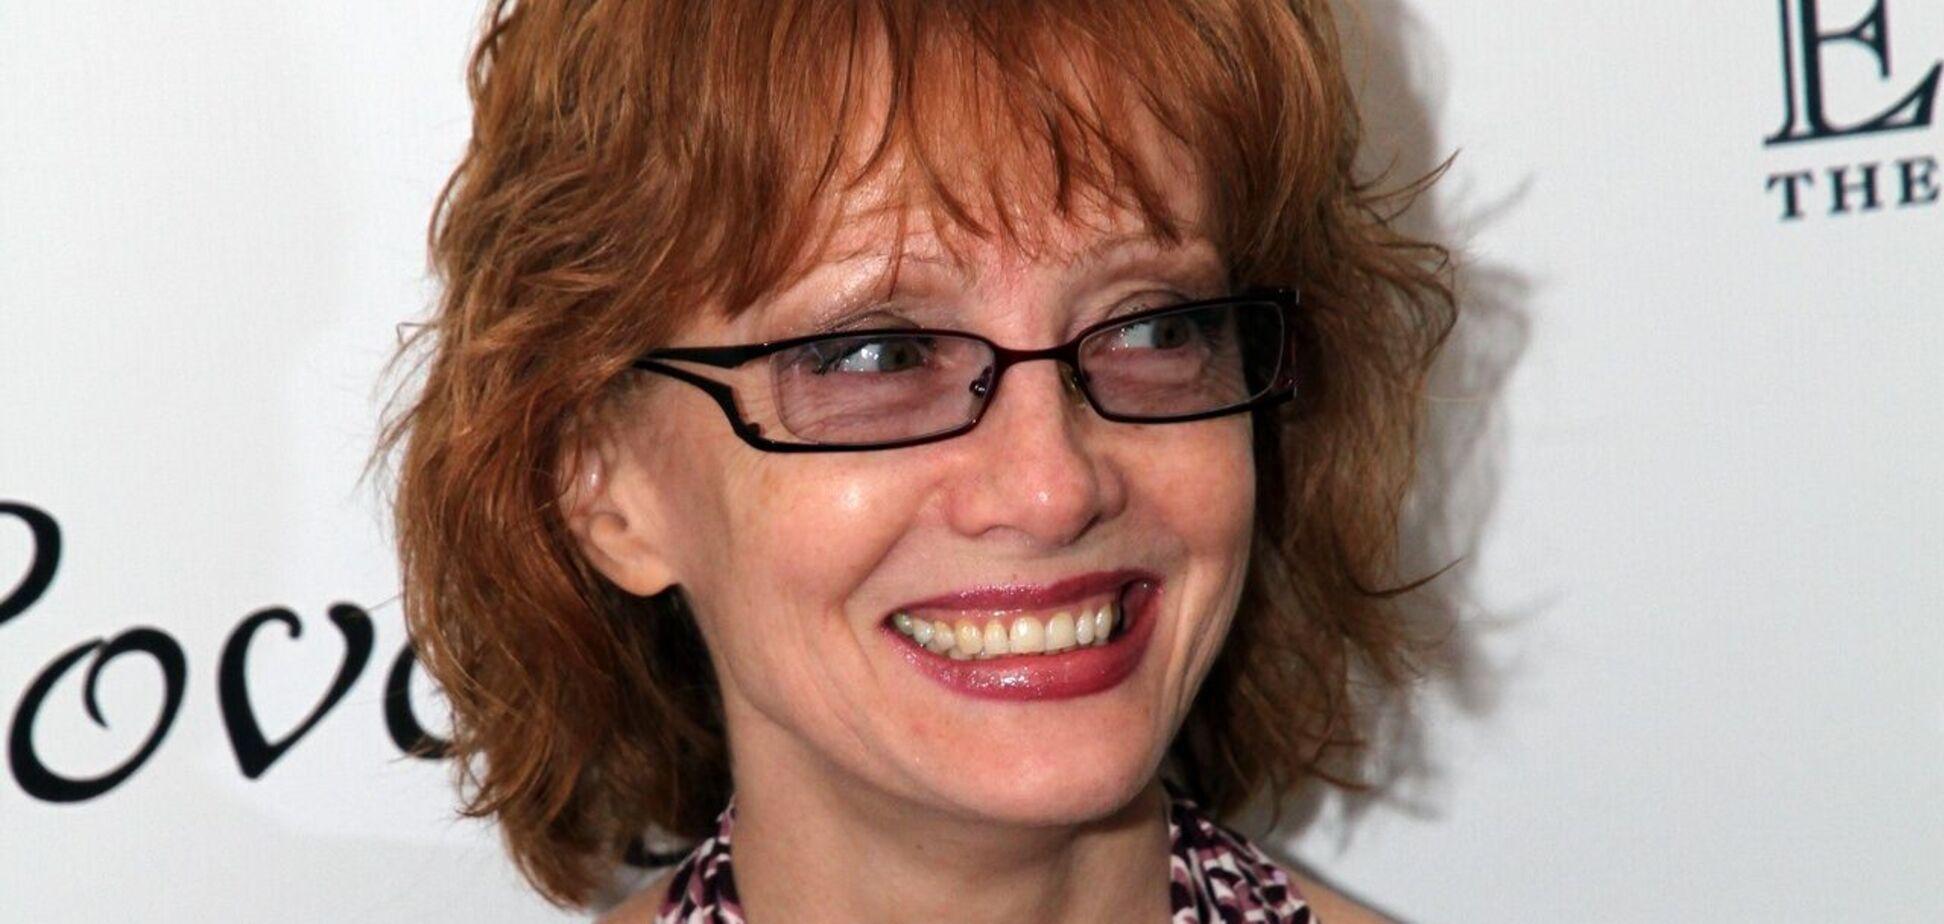 Ольга Зарубіна вирішила переїхати в США до незнайомого нареченого. Джерело: radiokp.ru